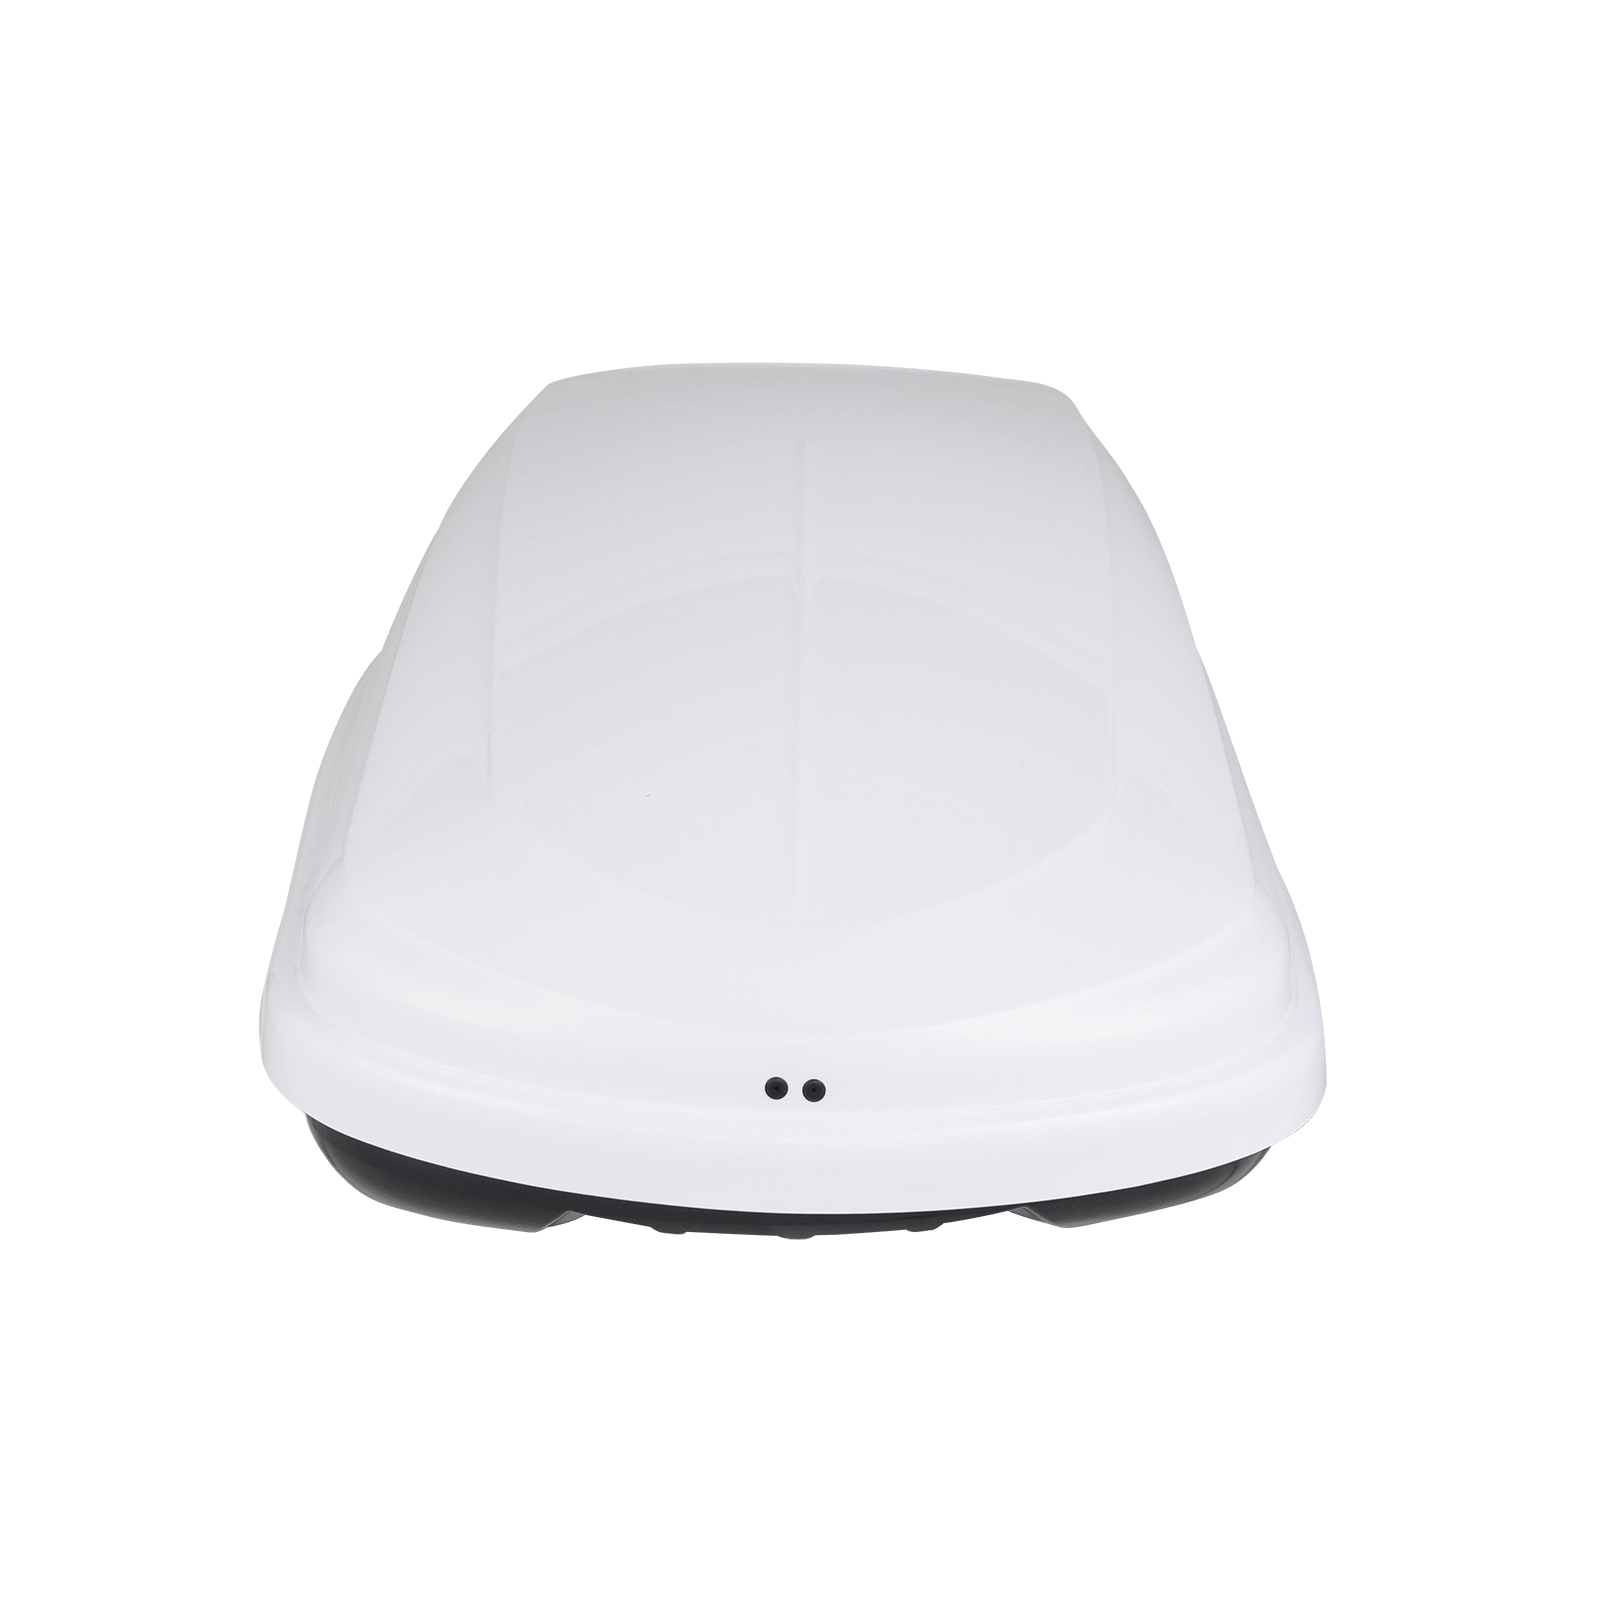 Dachbox Hapro Traxer 6.6 PureWhite - Bild 3